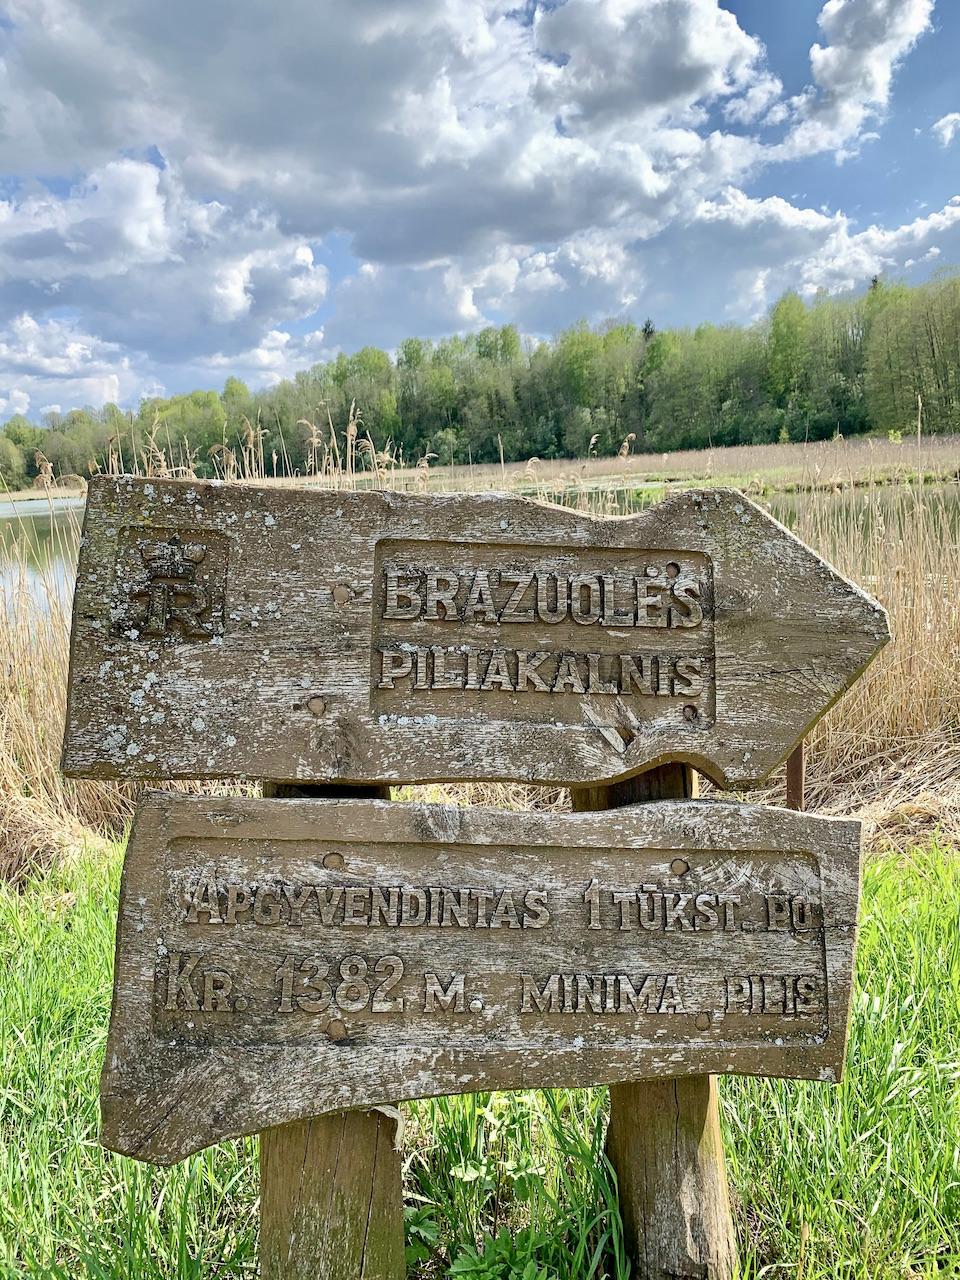 Bražuolės piliakalnio informacinė lenta